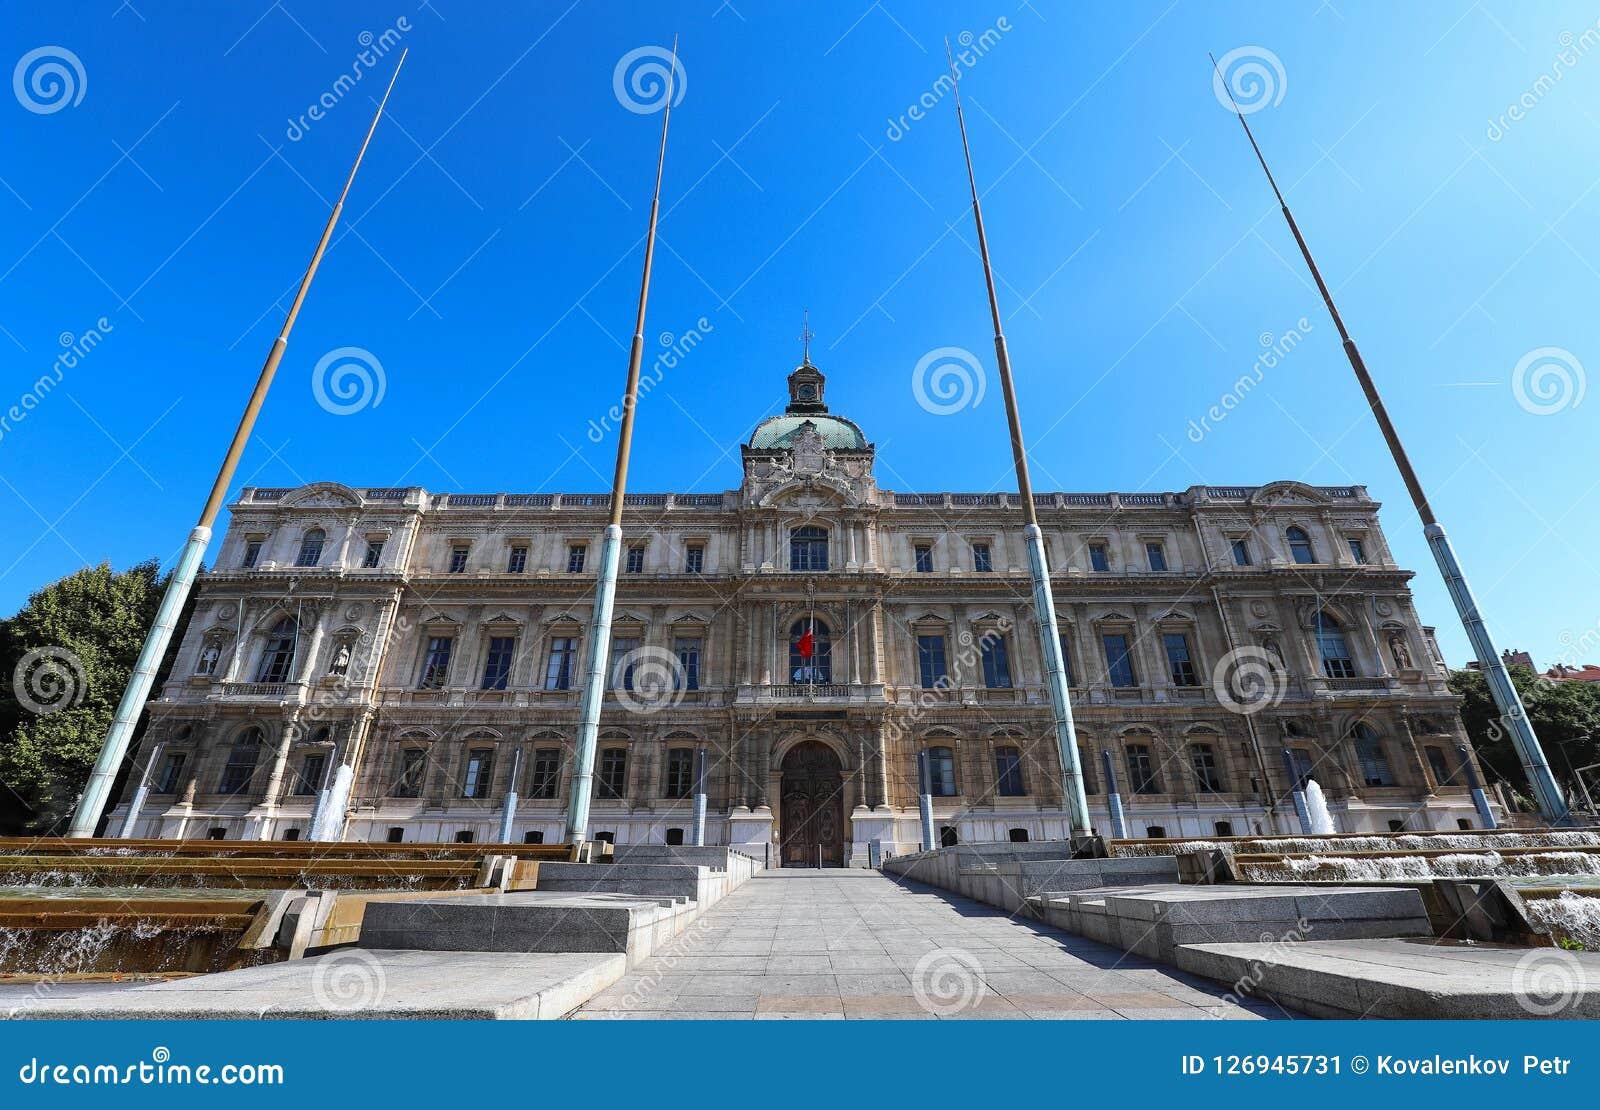 De mening van de bouw van de Prefectuur van Marseille, Frankrijk